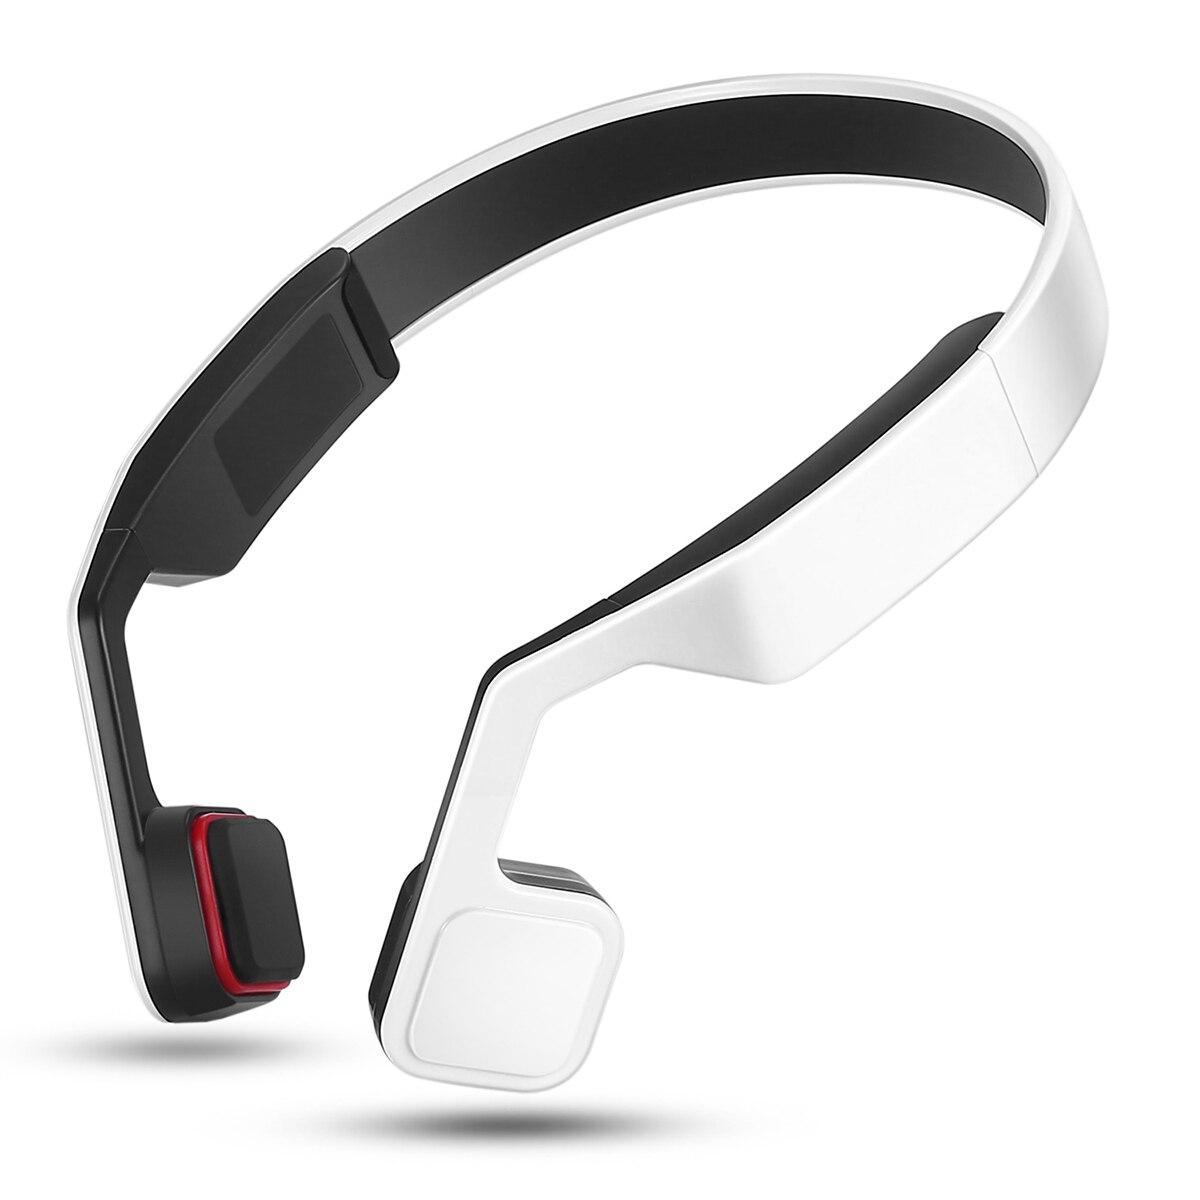 Aliexpress.com : Buy Portable Waterproof Wireless